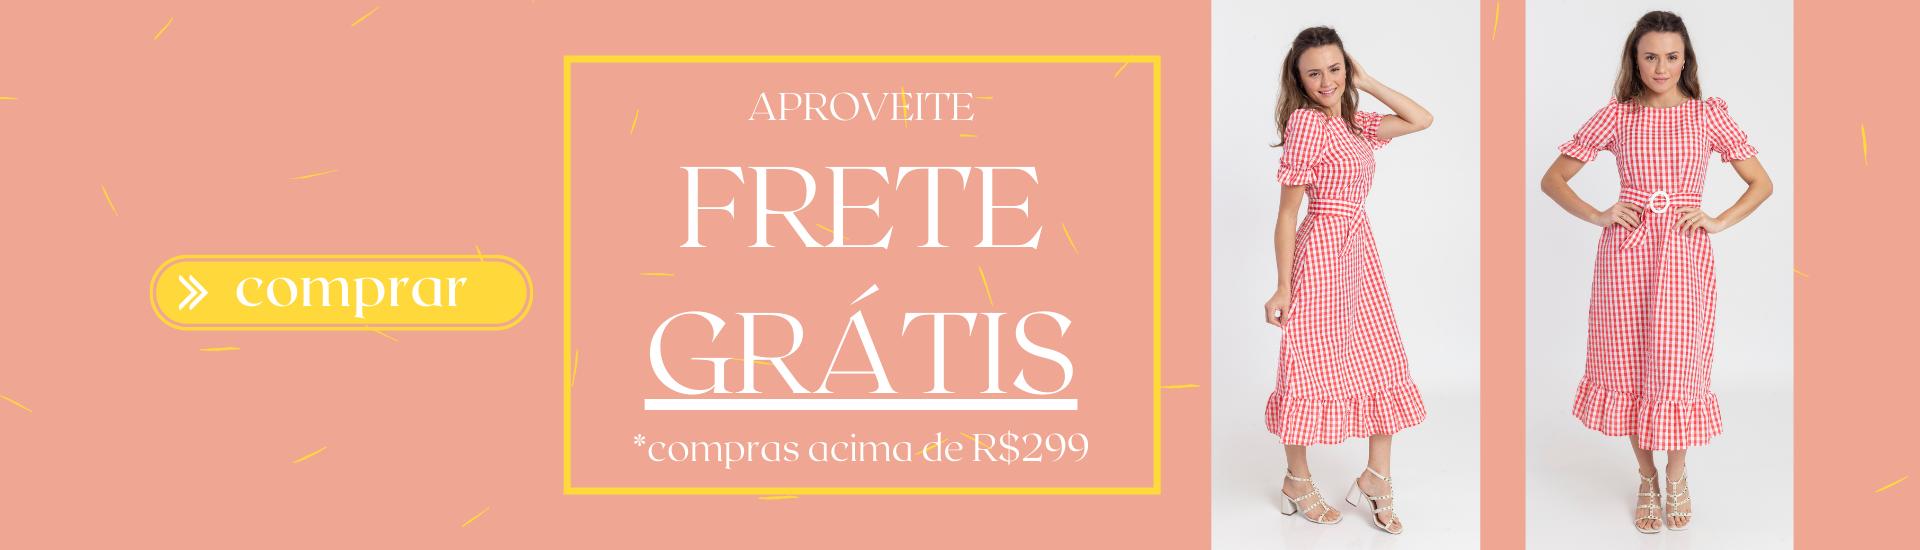 FRETE GRÁTIS R$299